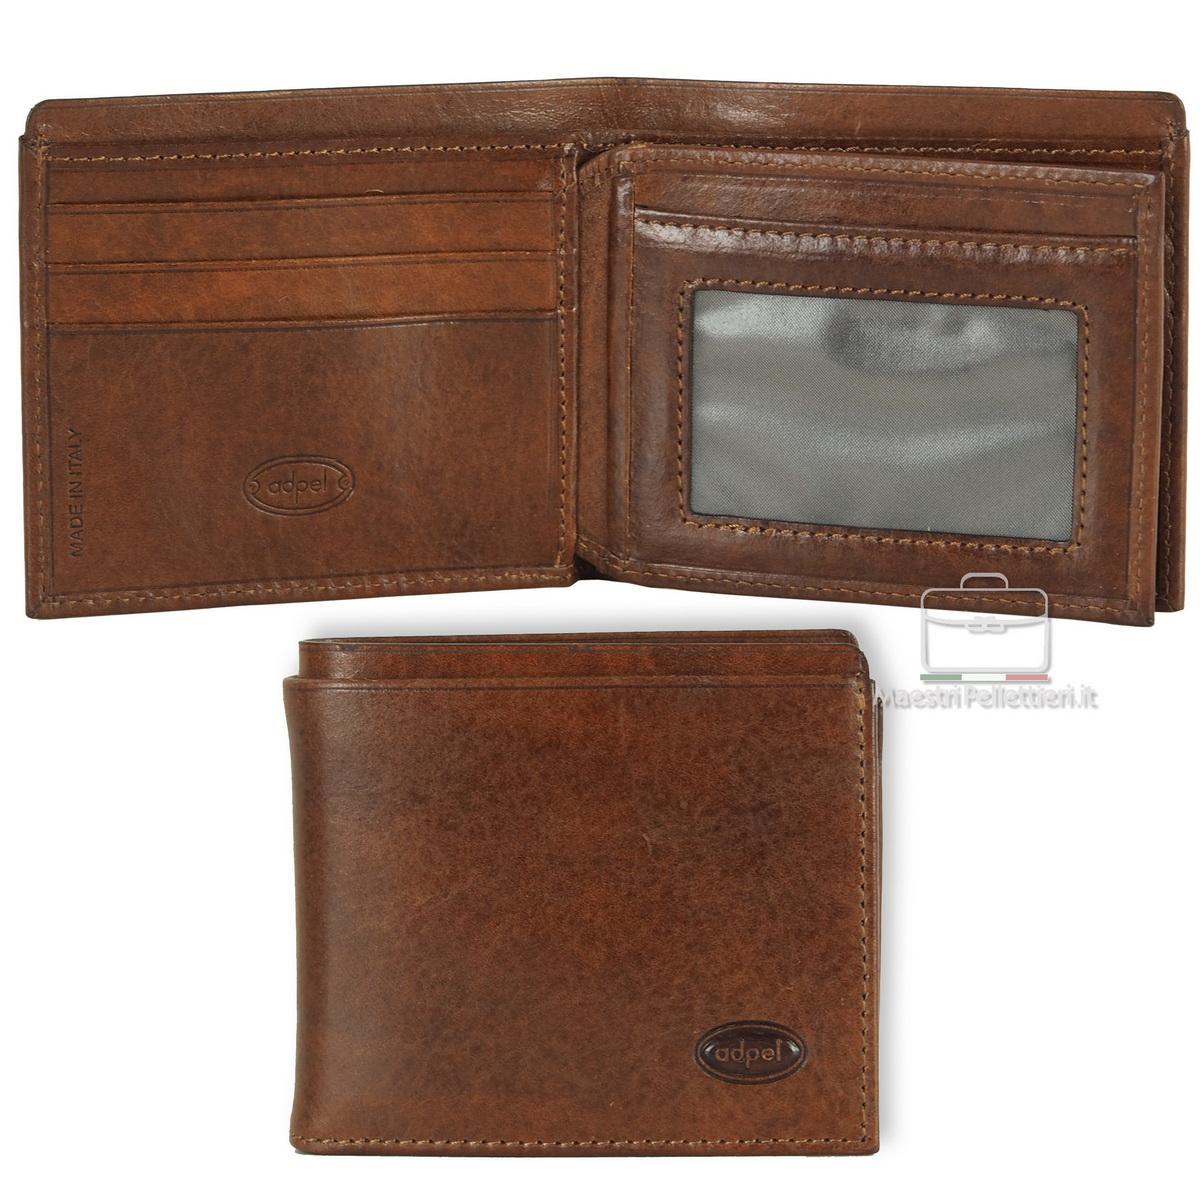 portafoglio piccolo originale